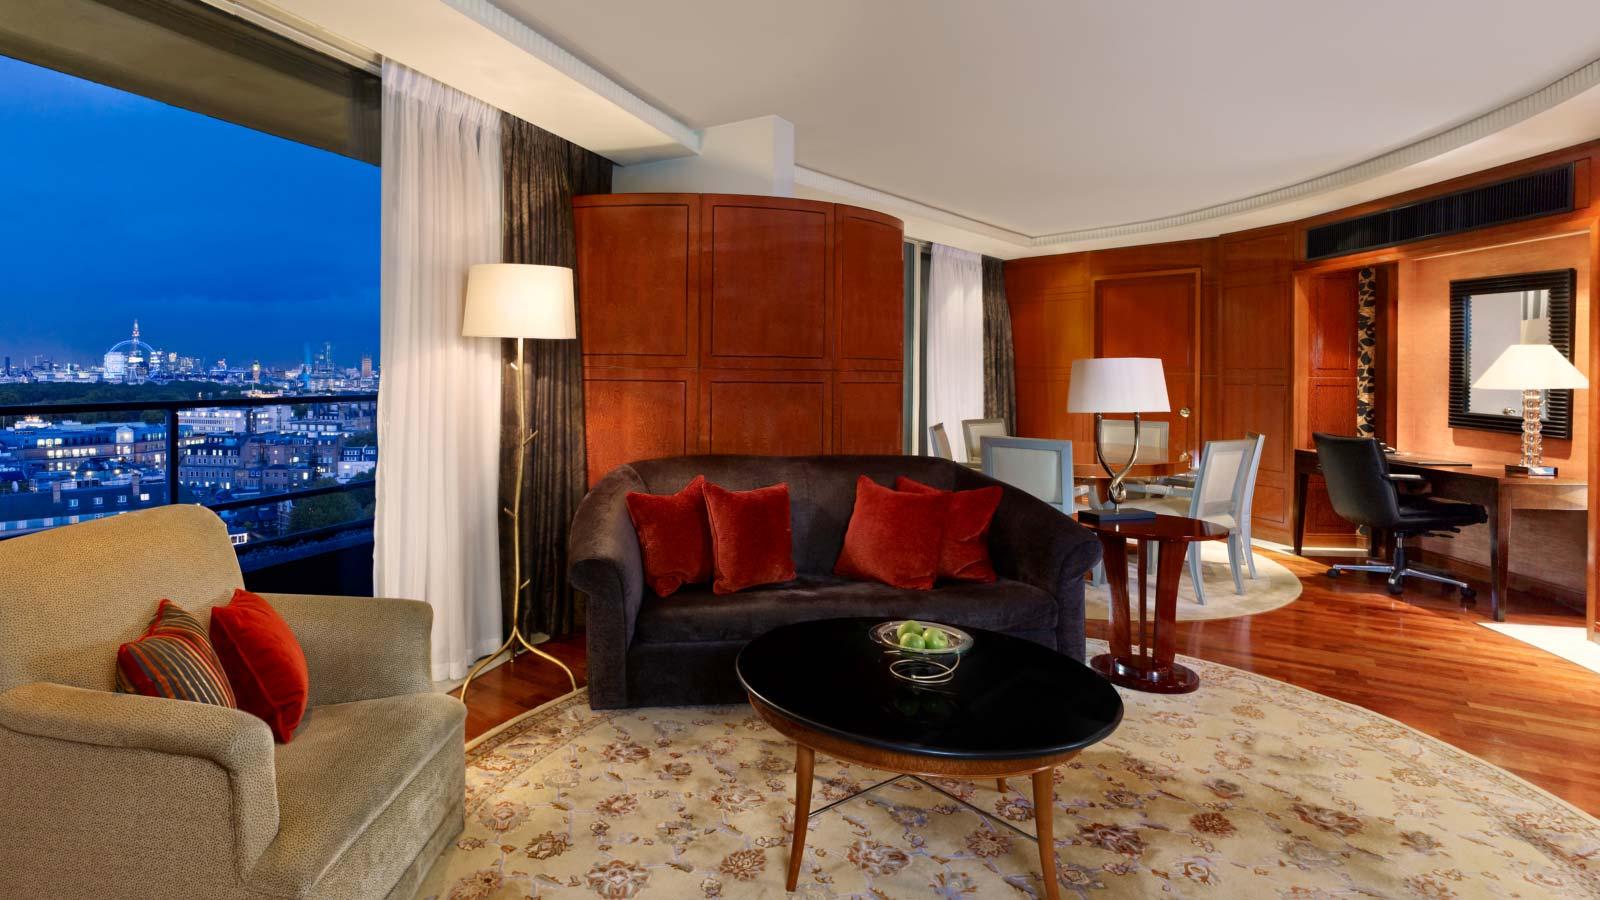 ザ・パークタワー・ナイツブリッジ・ラグジュアリー・コレクション・ホテルのウェストミンスターペントハウススイート